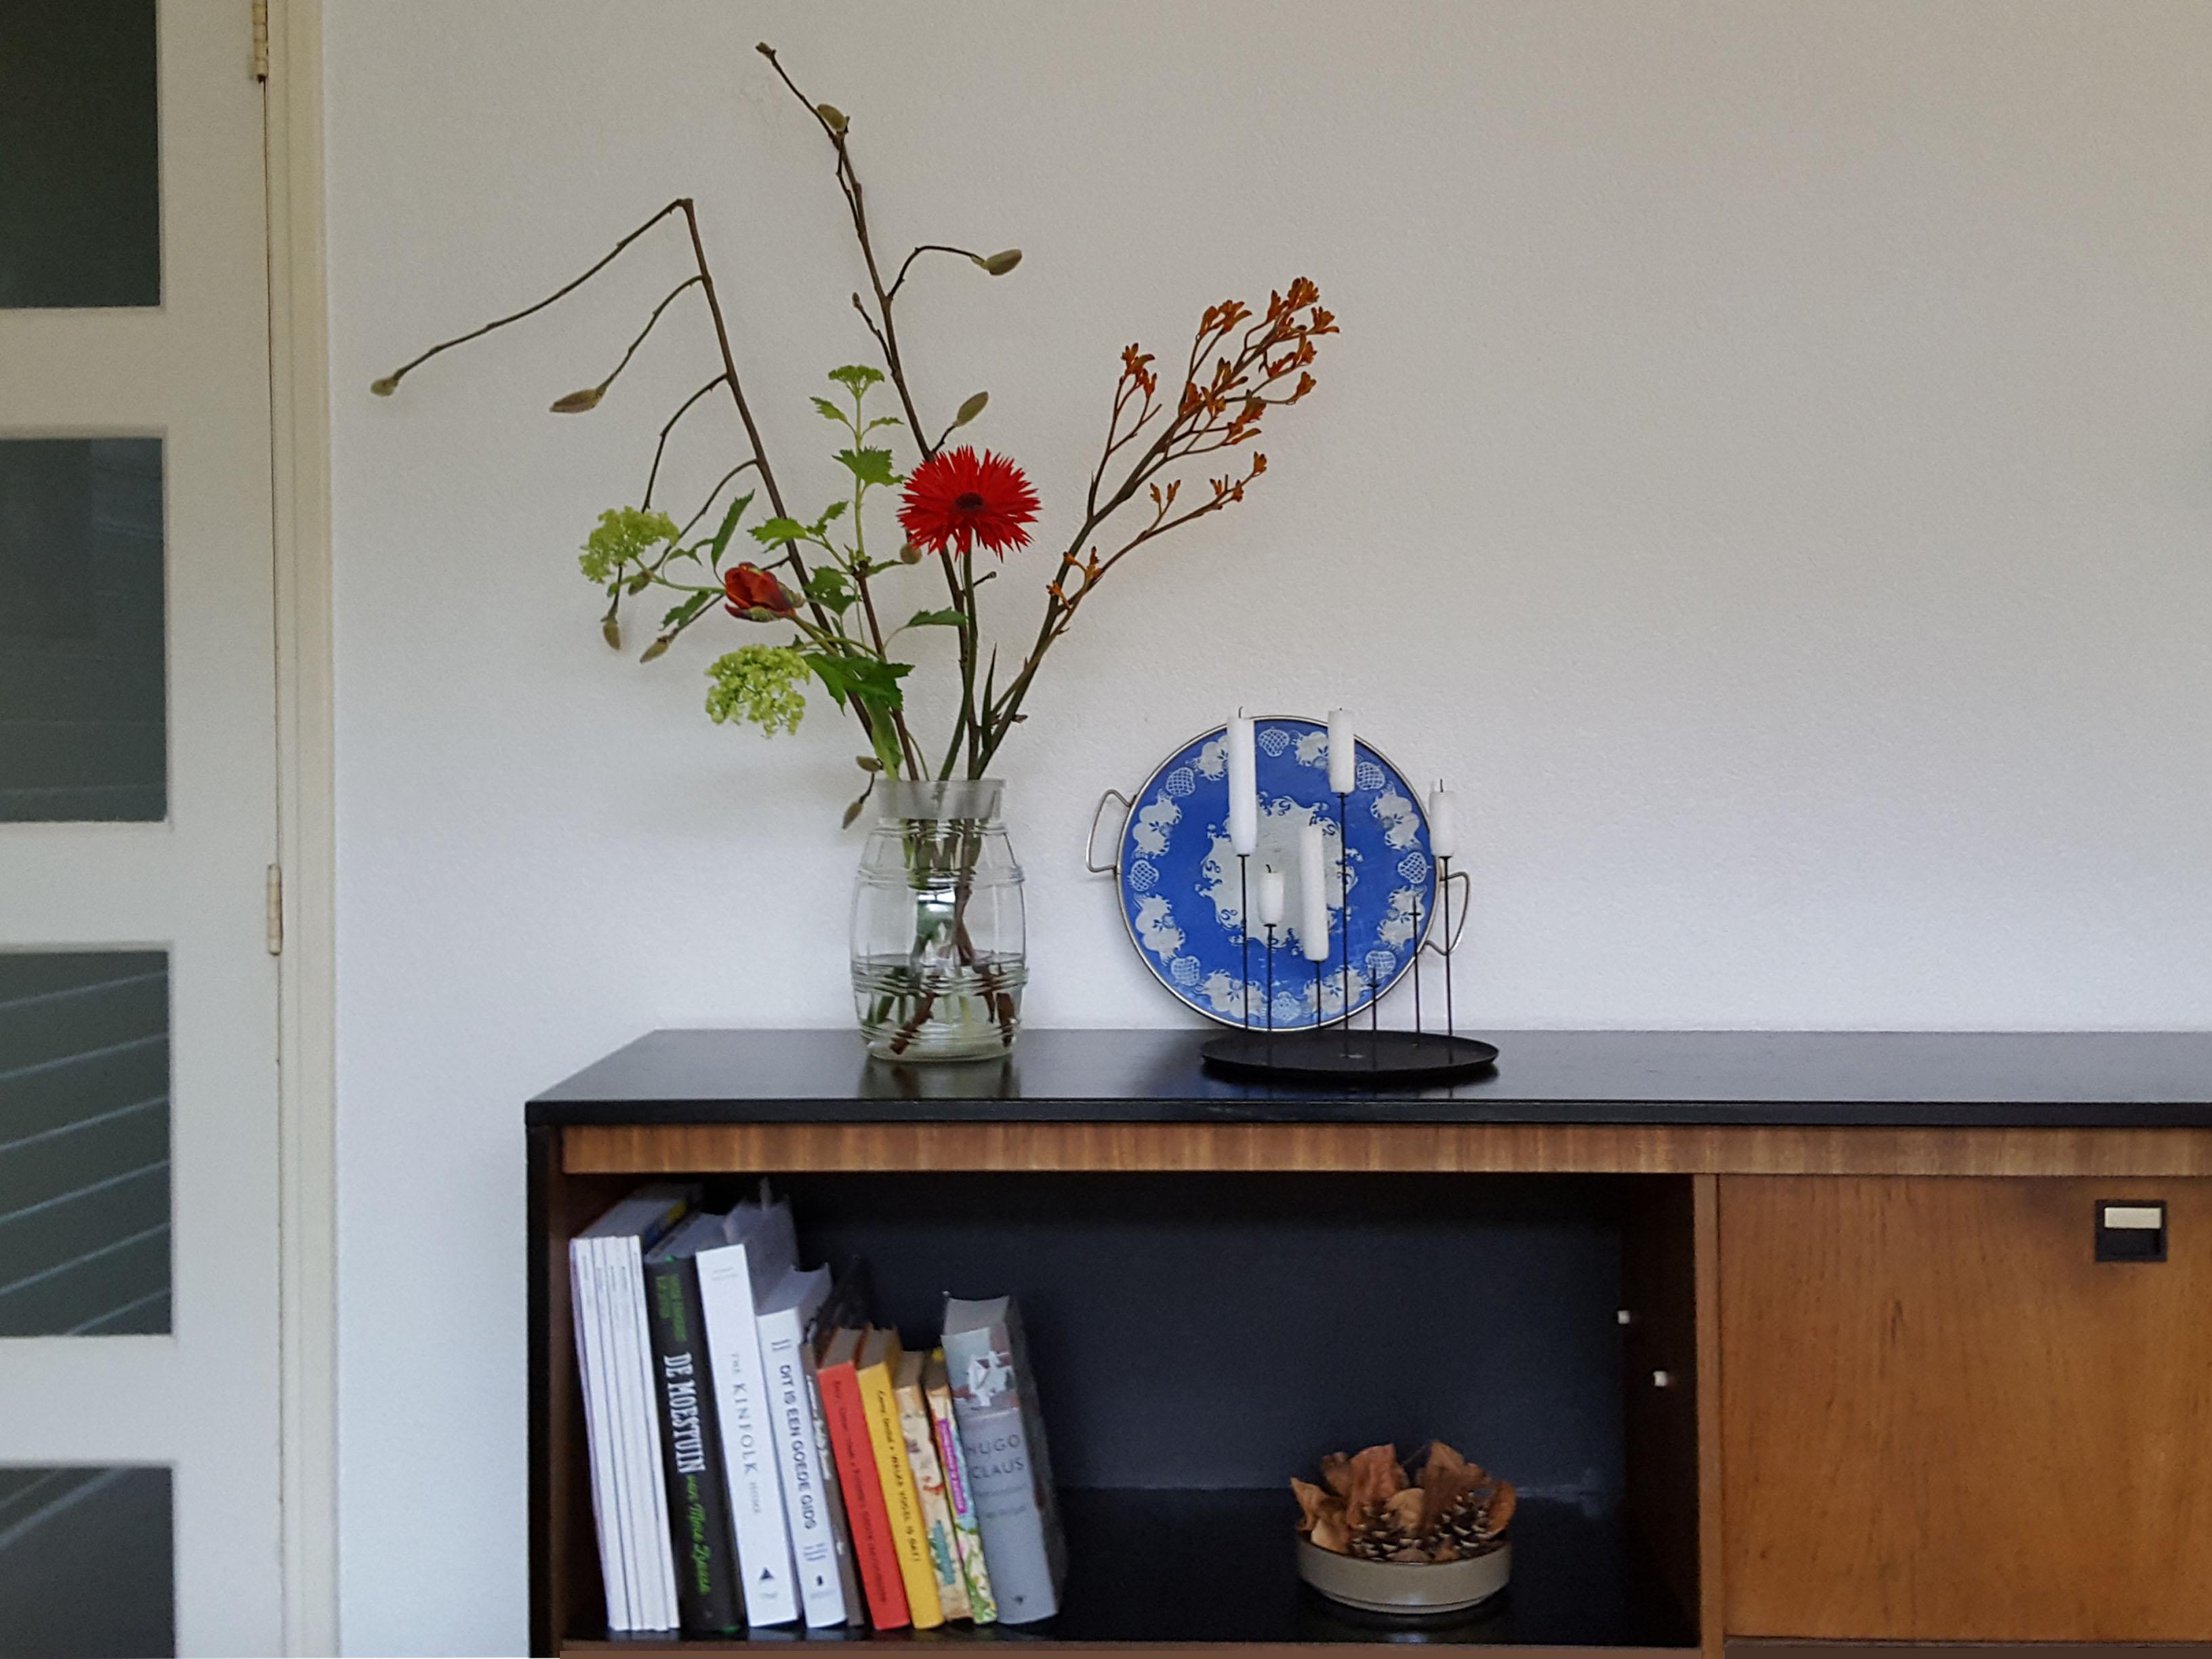 20180127_verbouwblog_ons interieur_8